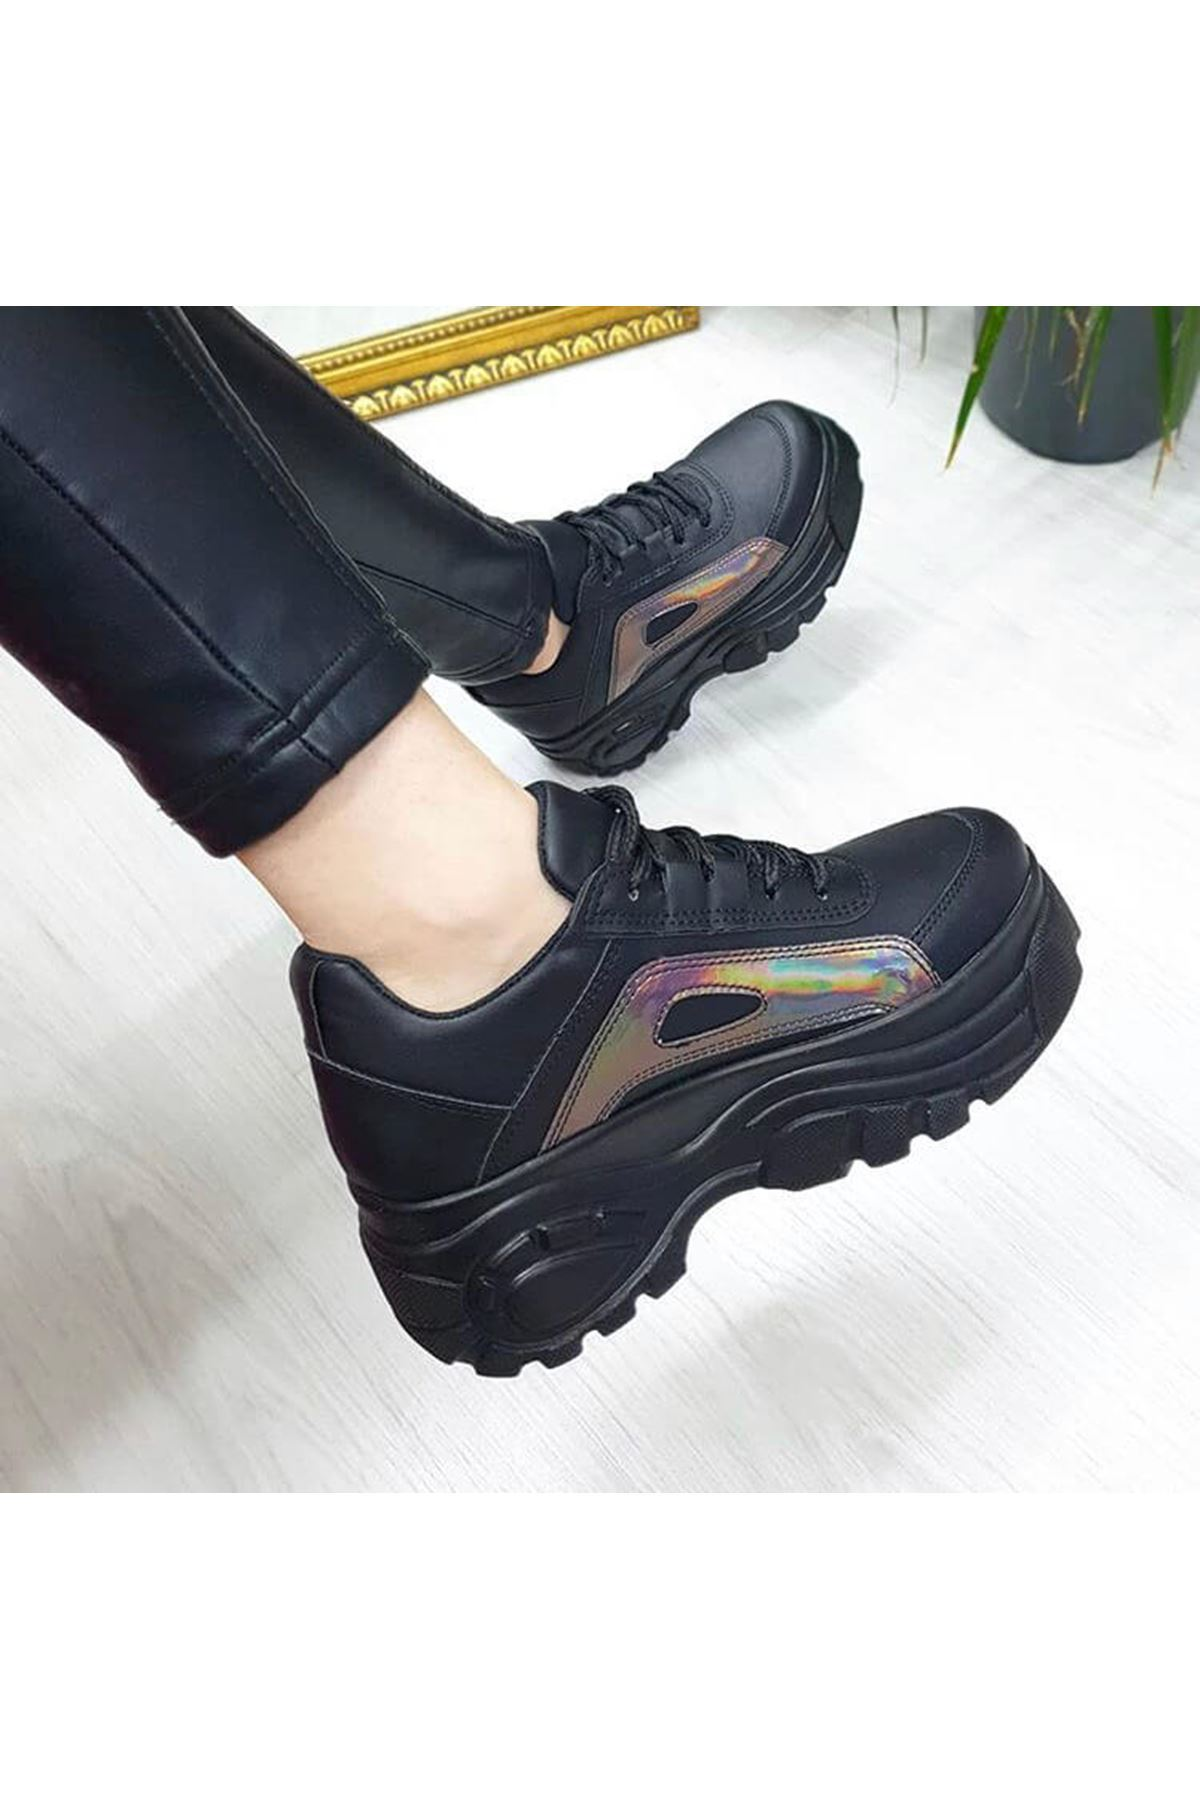 CK-107 Siyah Deri Hologram Detay Spor Ayakkabı